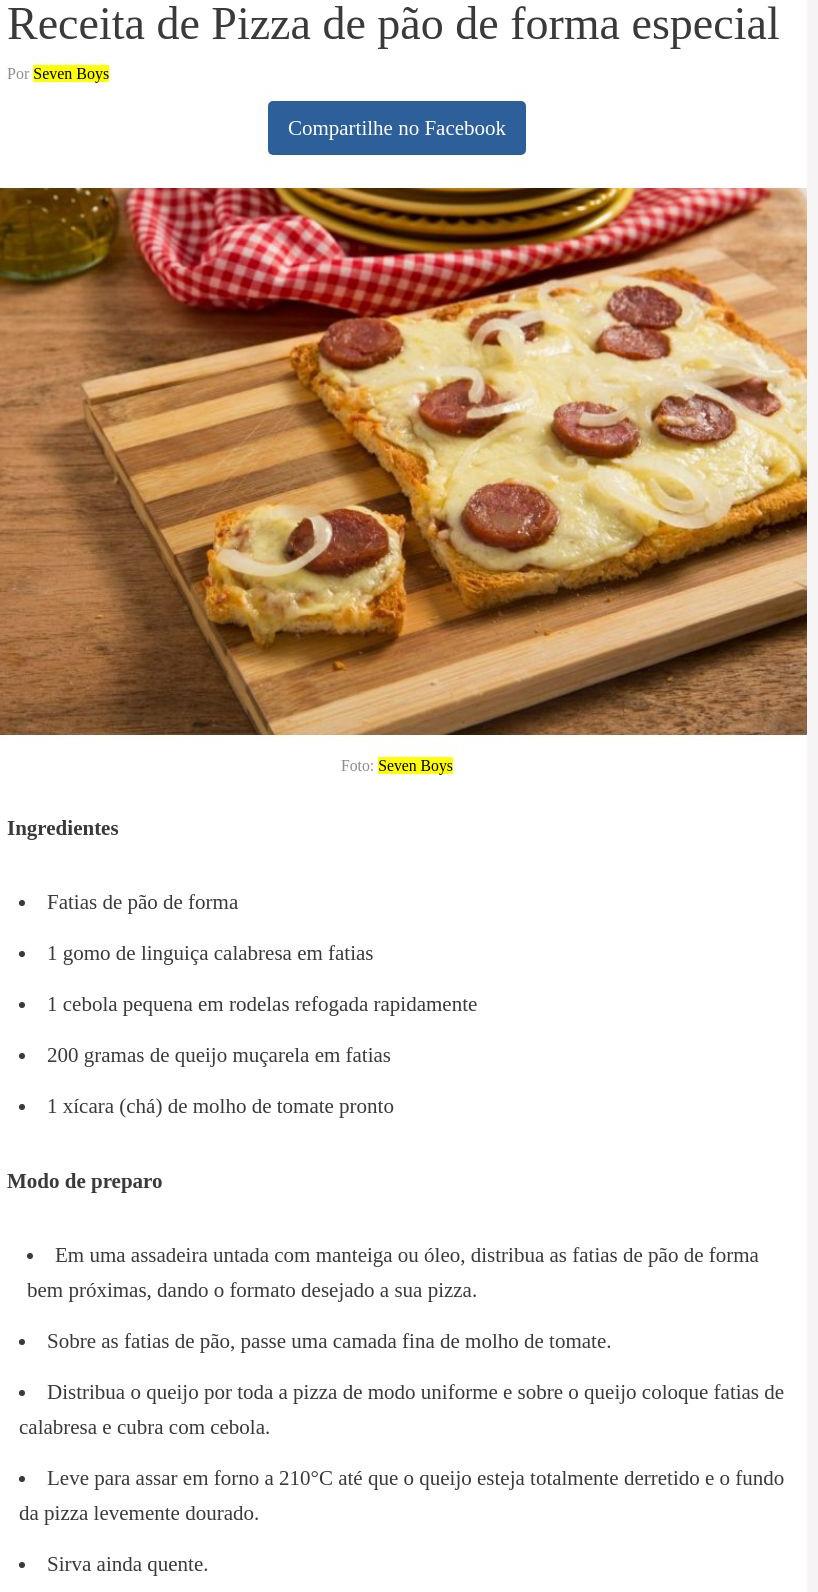 Receita de Pizza de pão de forma especial - Comida e Receitas